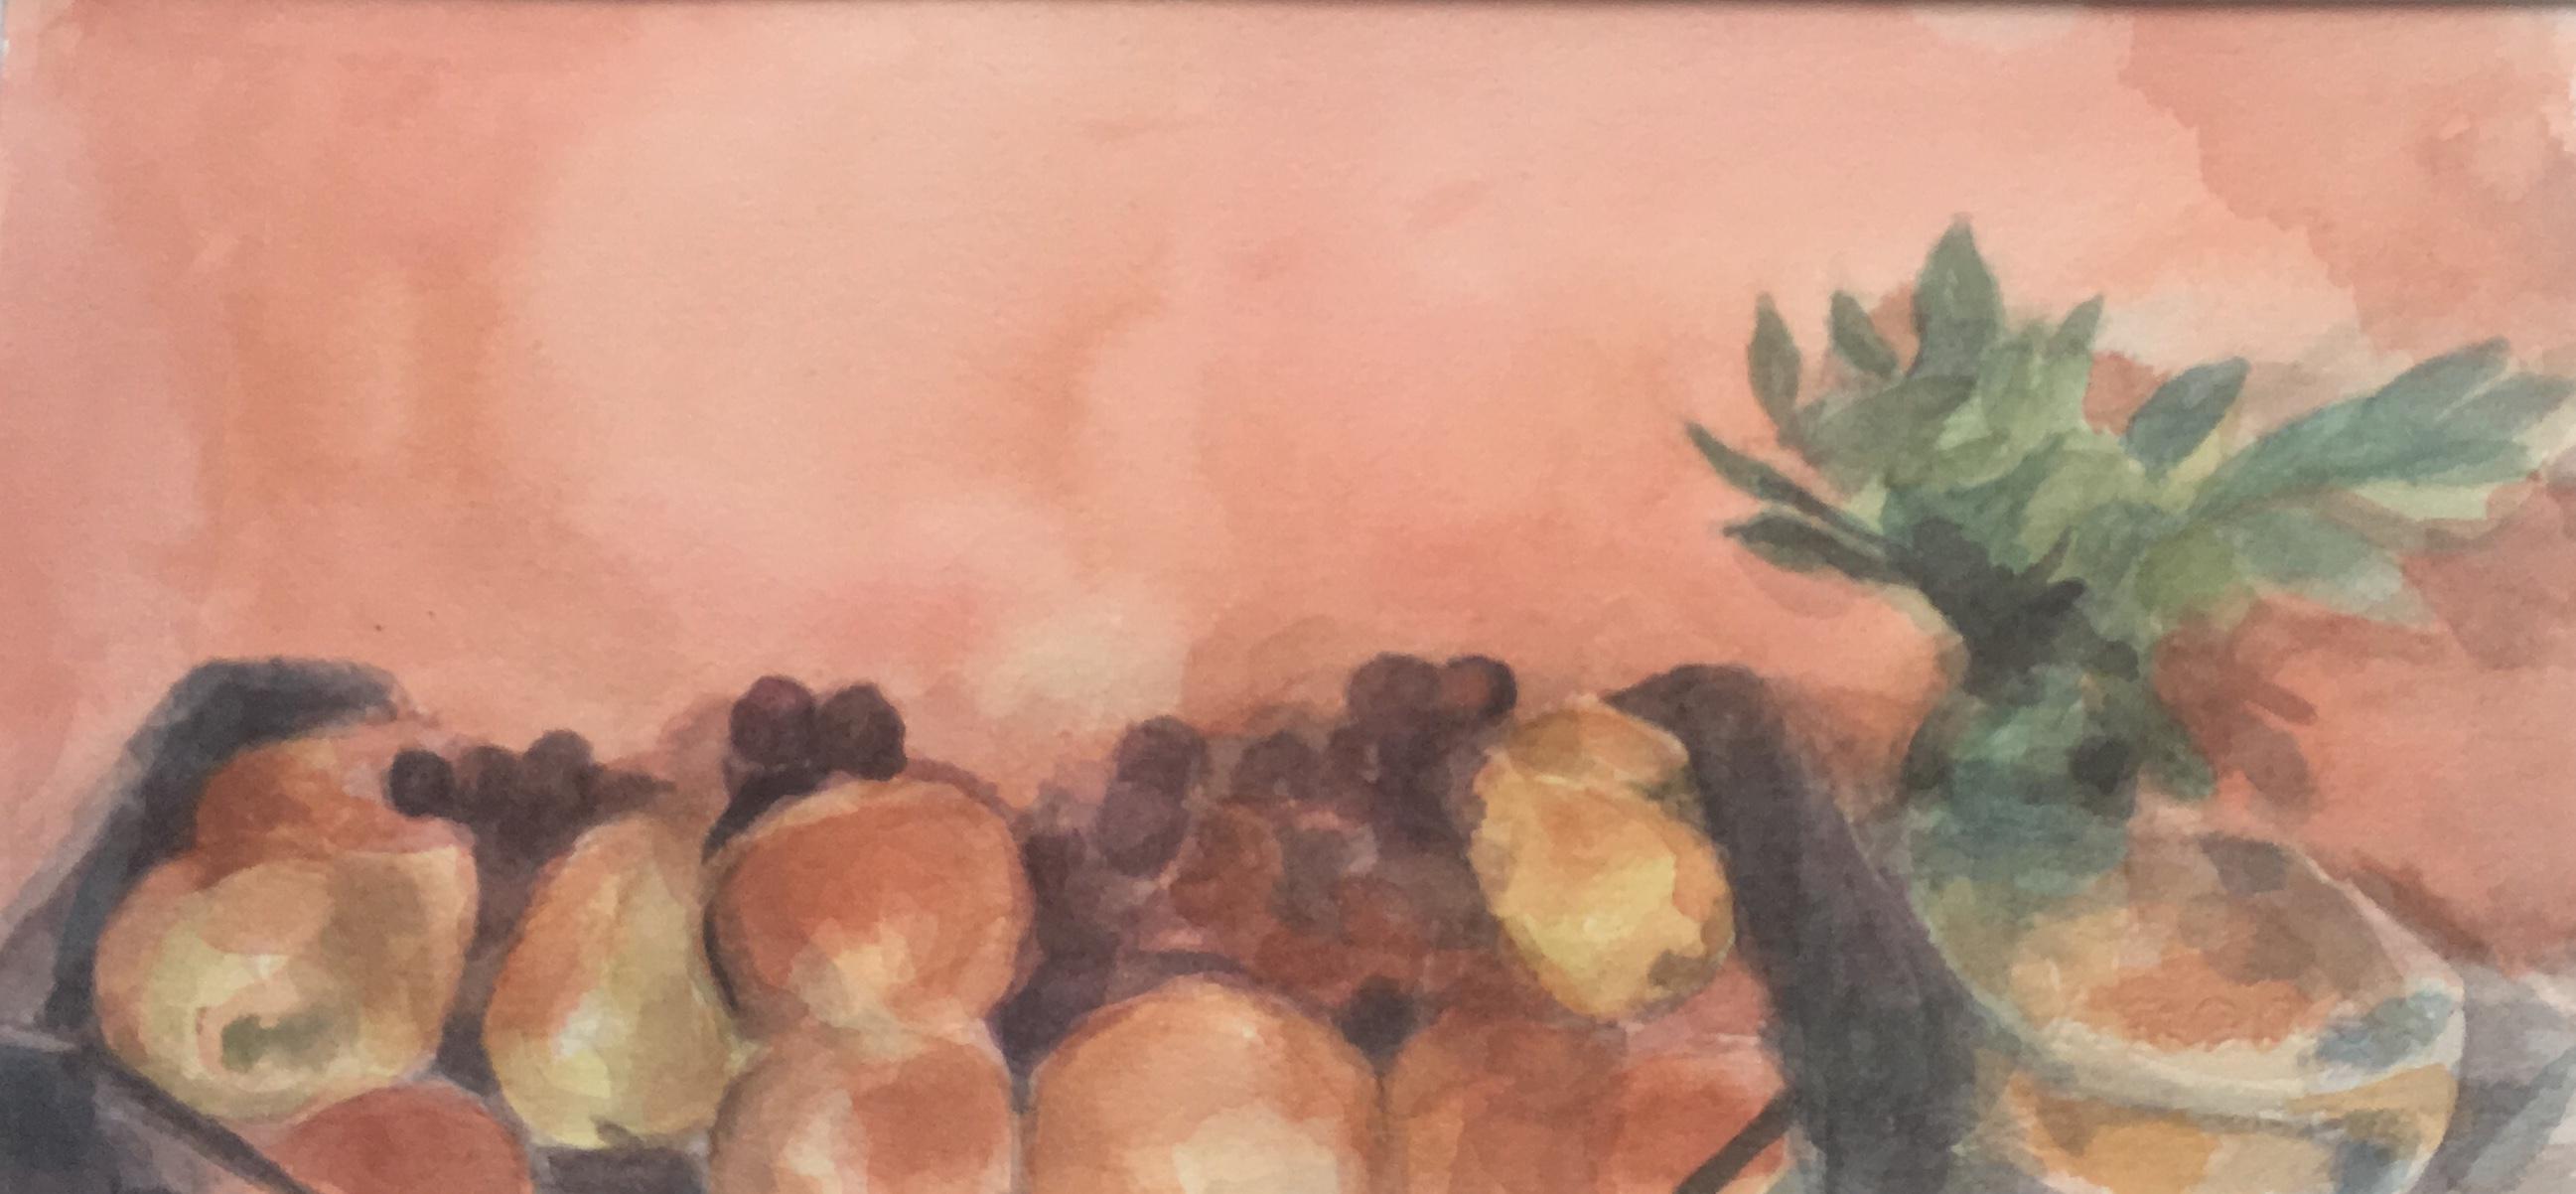 sardinian produce